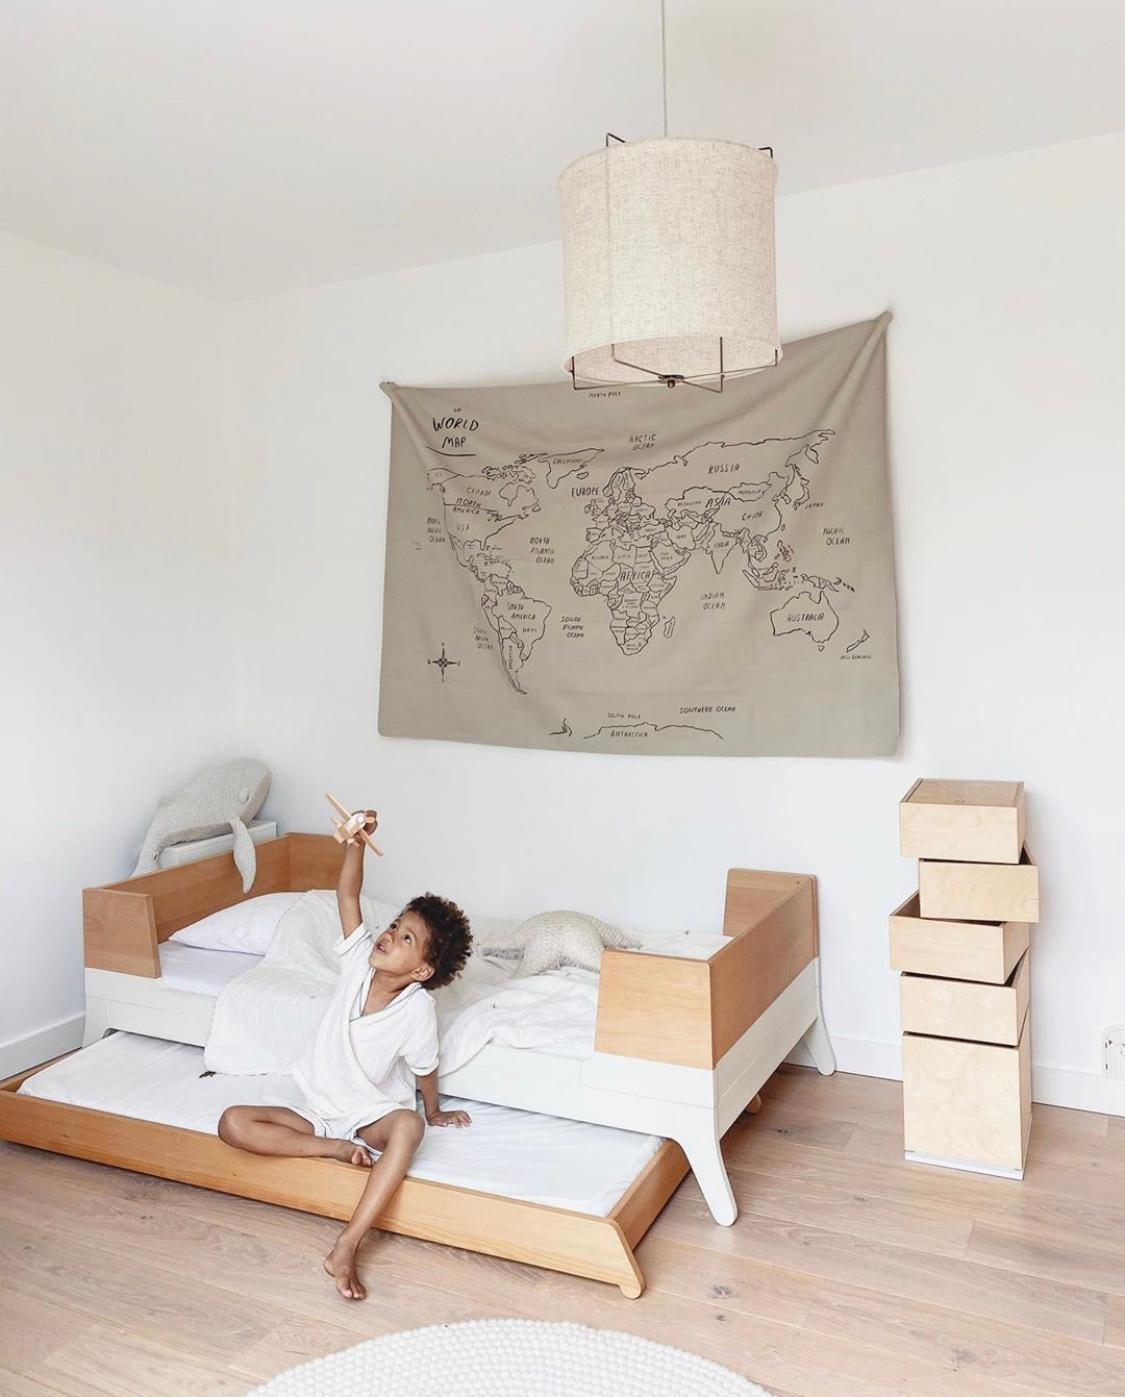 Le lit de la chambre d'enfant de babyatoutprix en bois brut et épuré